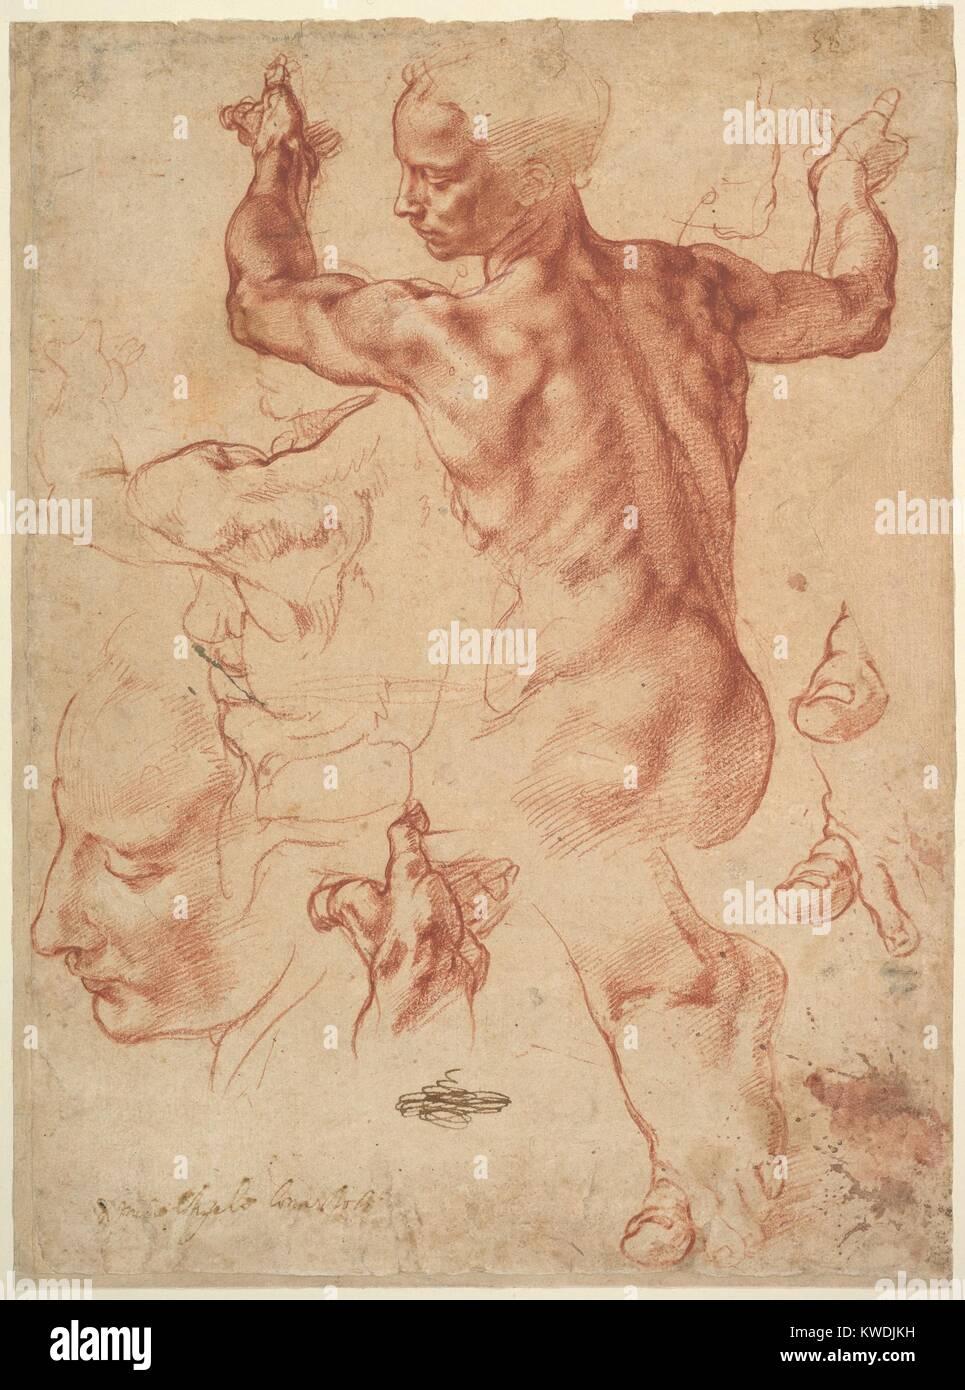 Estudios para la sibila libia, de Michelangelo, 1510-11, el Renacimiento Italiano dibujo de tiza. Dibujo preparatorio Imagen De Stock